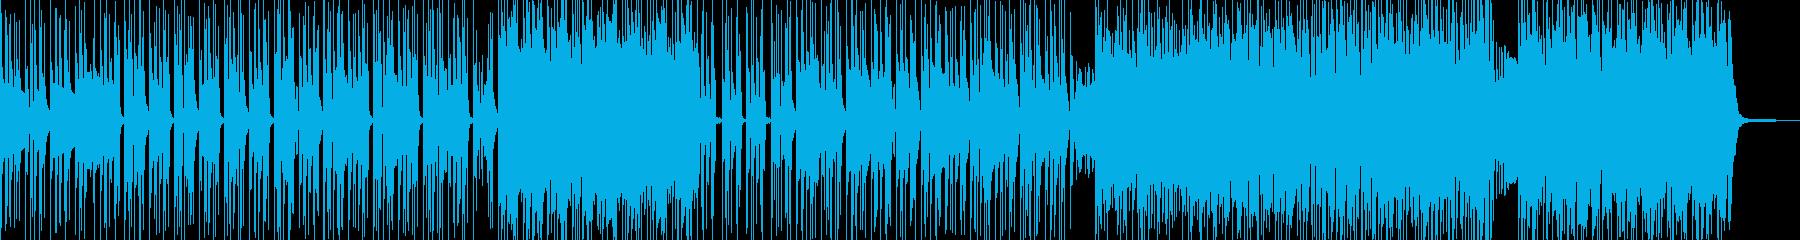 無機質&異次元・妖艶なヒップホップ A2の再生済みの波形